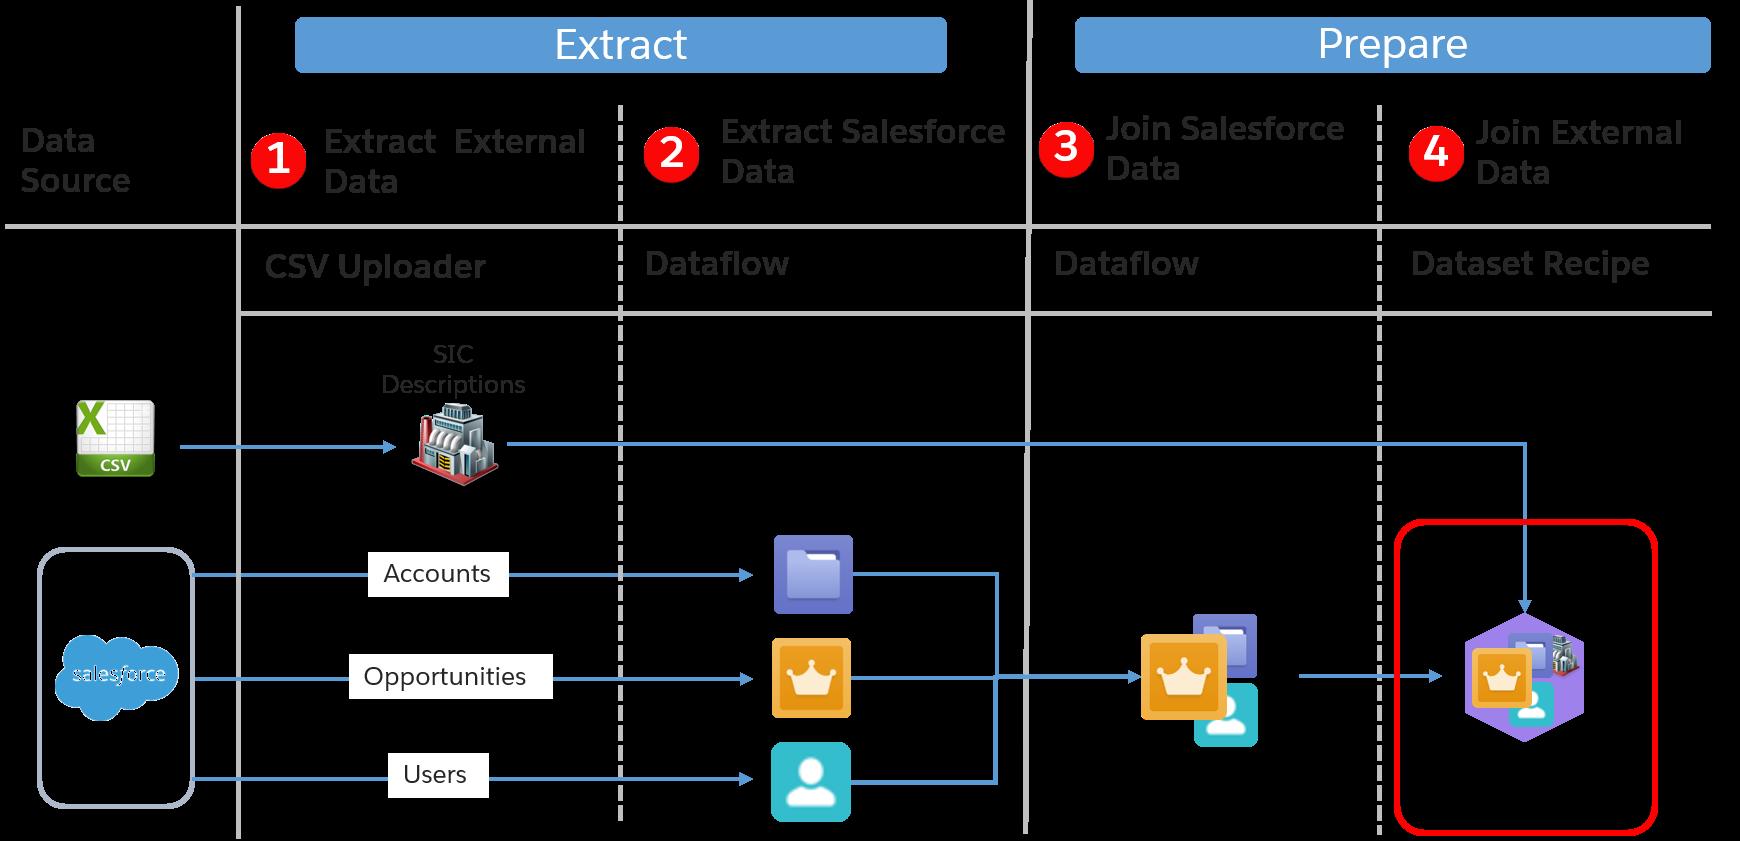 Mapa da jornada de dados com a etapa da receita de dados Unir dados externos em destaque